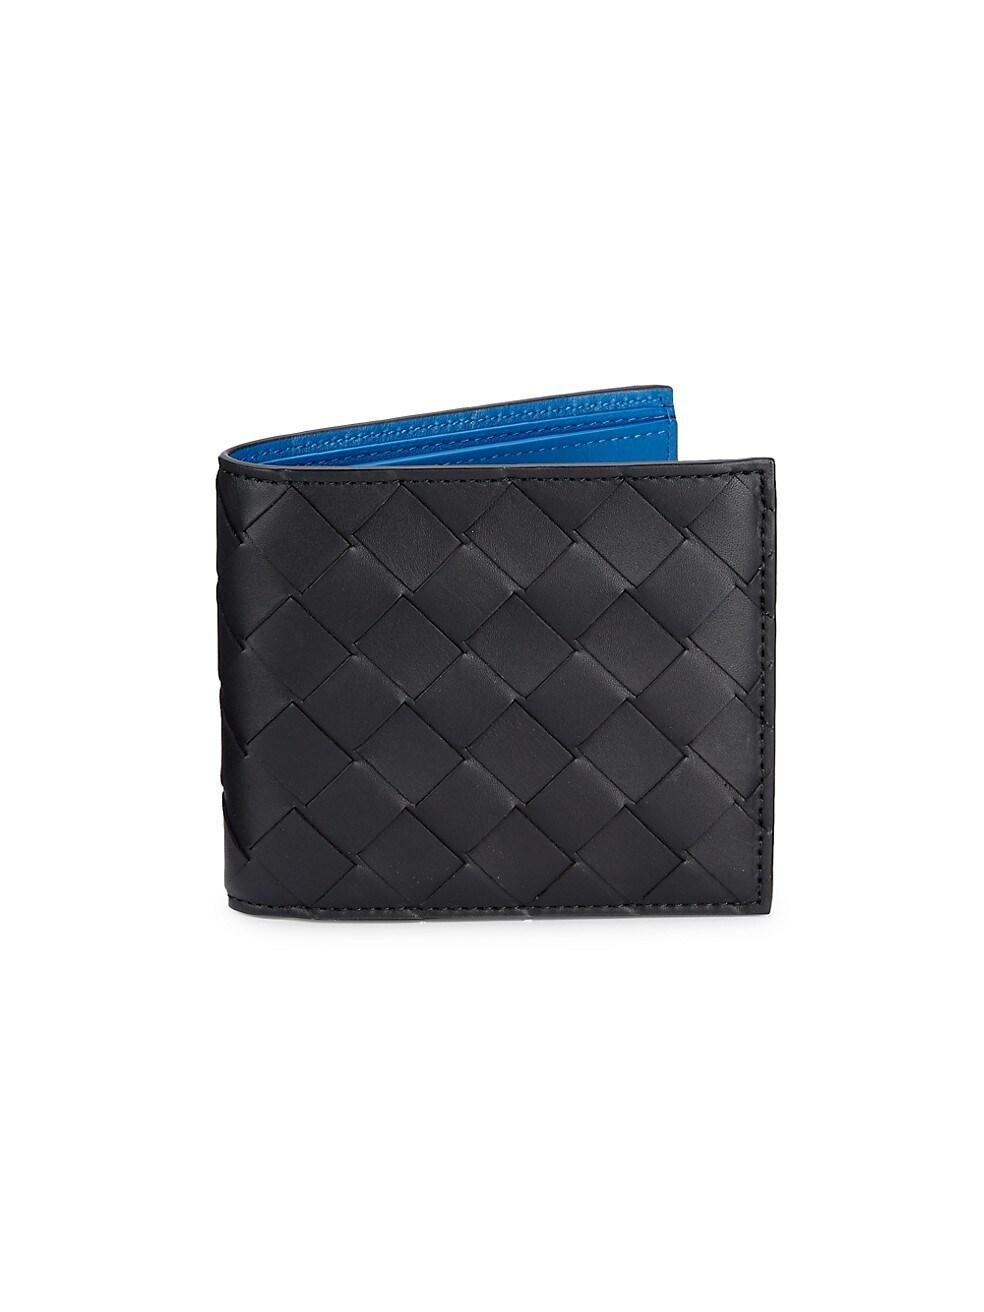 보테가 베네타 Bottega Veneta Intrecciato Leather Billfold Wallet,NERO BLUE